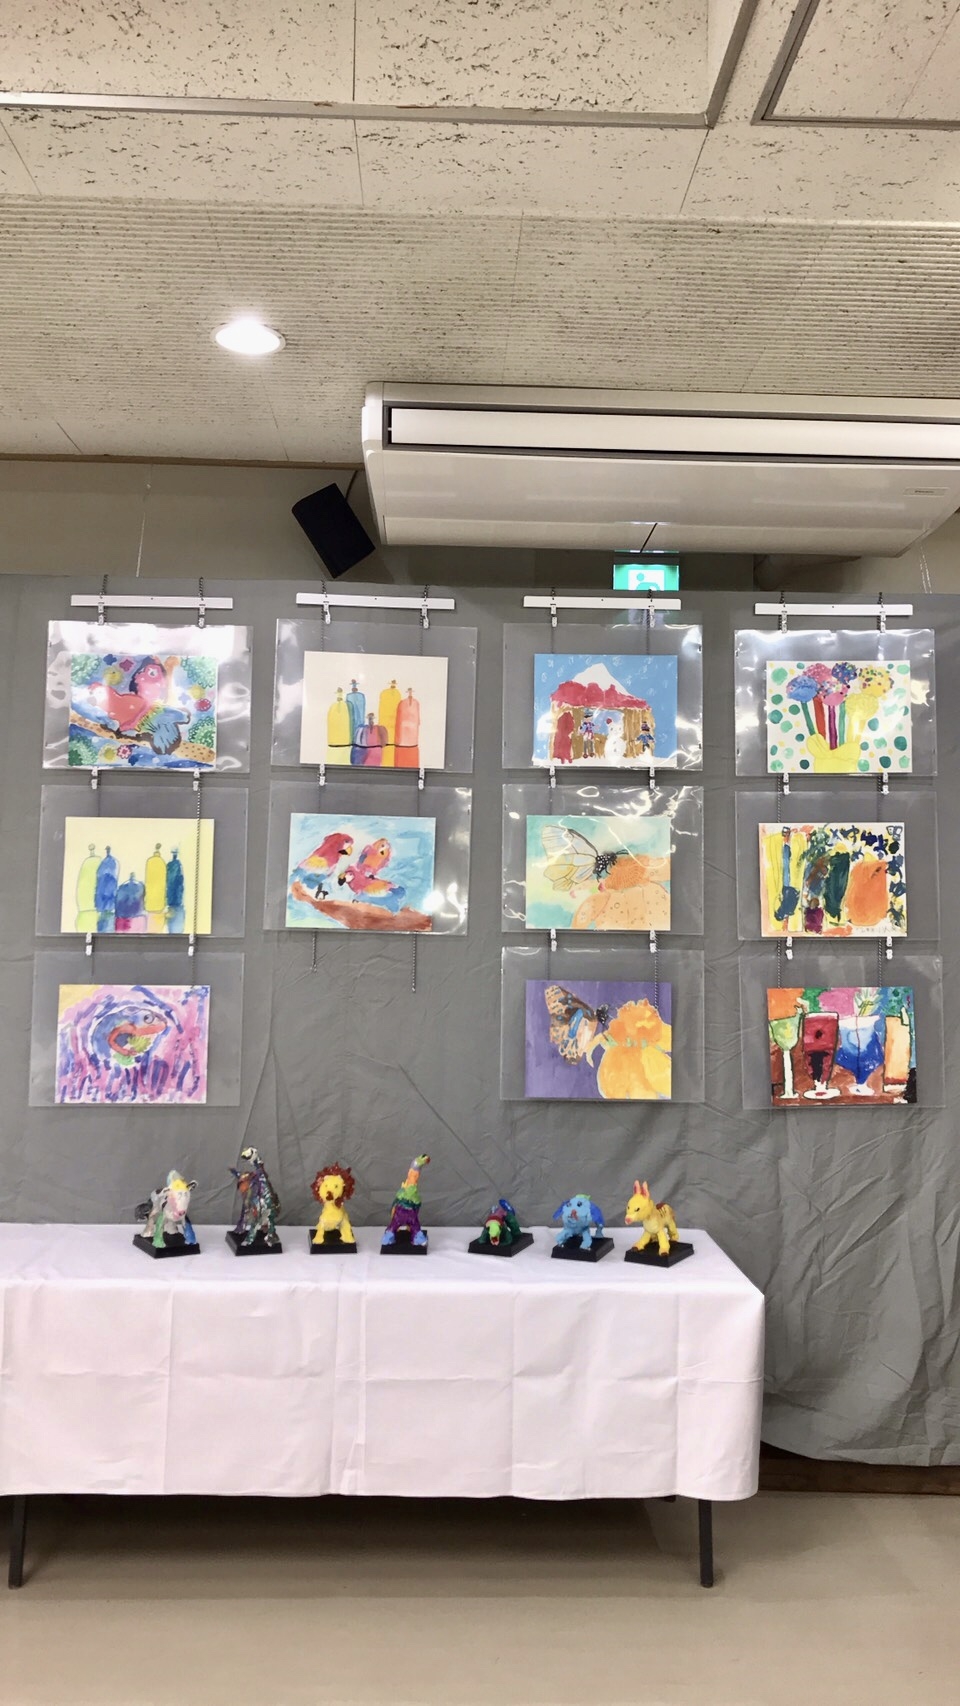 神戸公民館区民作品展に生徒さんの作品を展示します イメージ画像